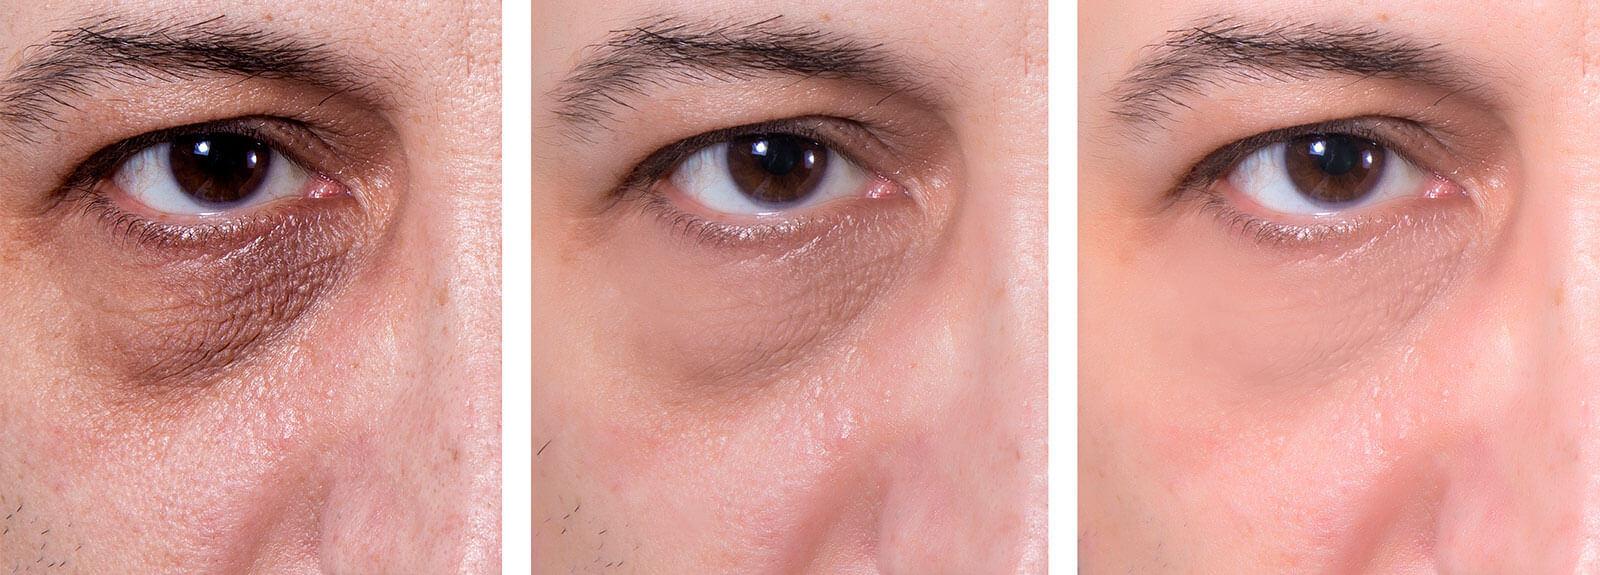 hedonai-promocion-despigmentacion-ojeras-ultimate-eye-ejemplo